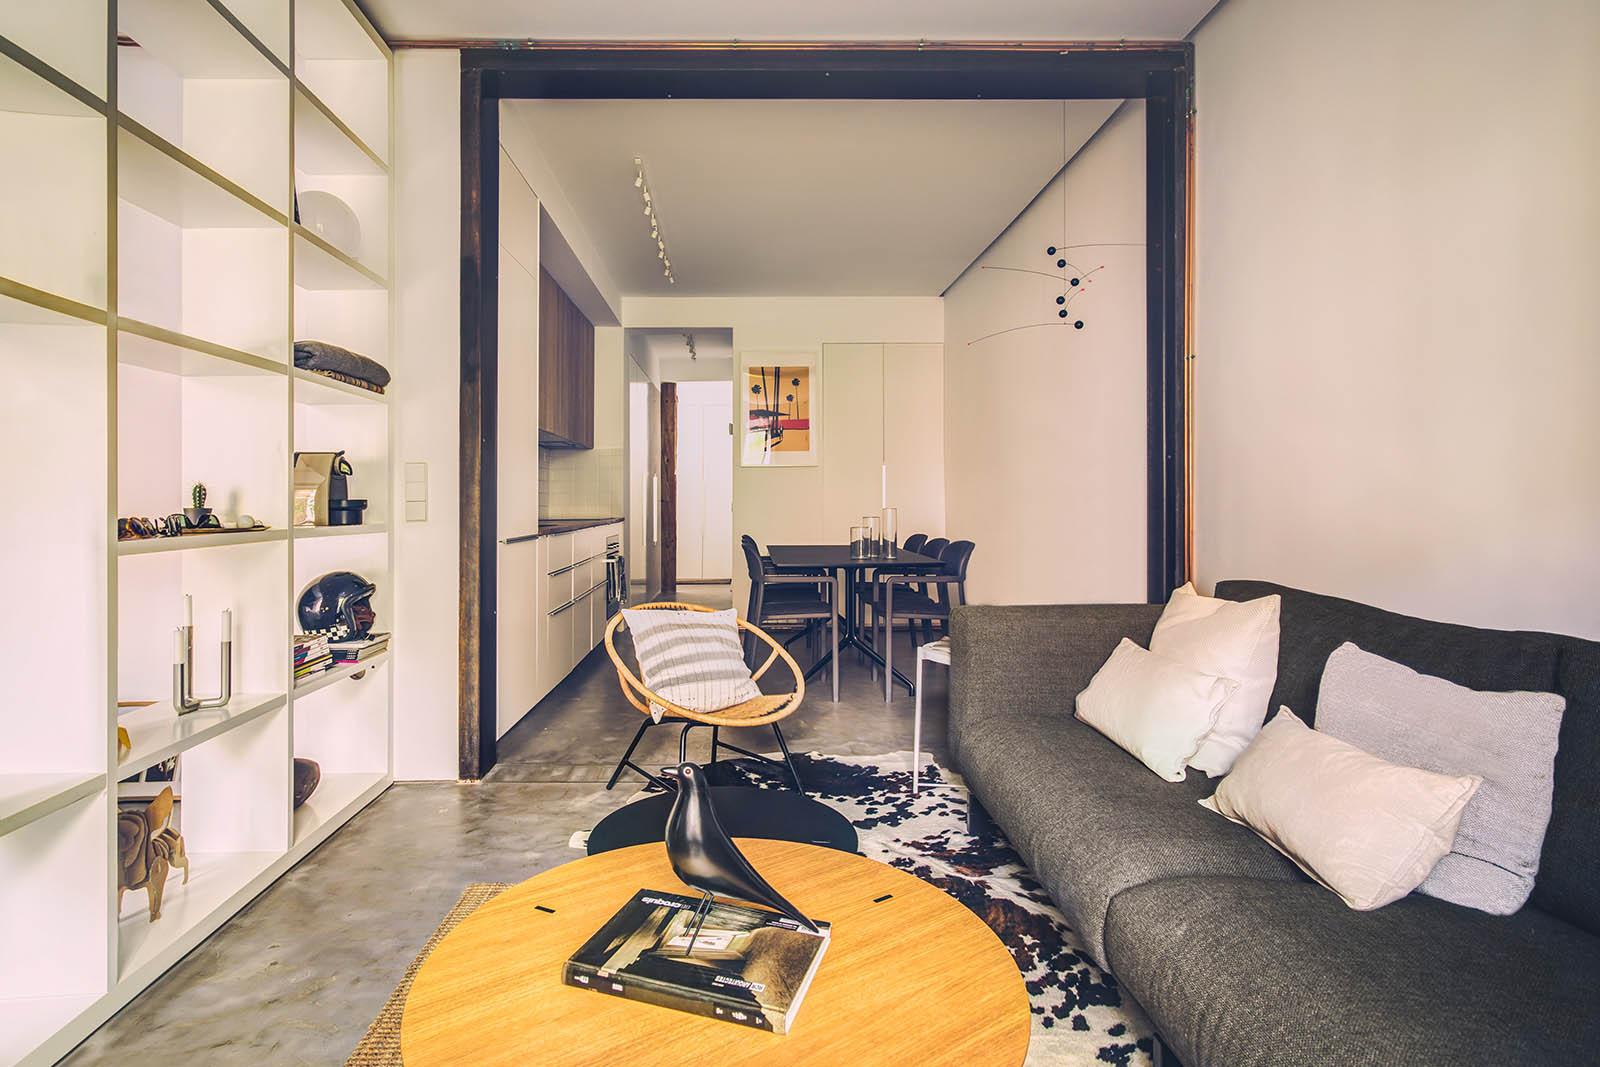 Estudio de Arquitectura: Kloos crea espacios poderosos y lujuosos en España estudio de arquitectura Estudio de Arquitectura: Kloos crea espacios poderosos y lujuosos en España 5c51bd0c40403